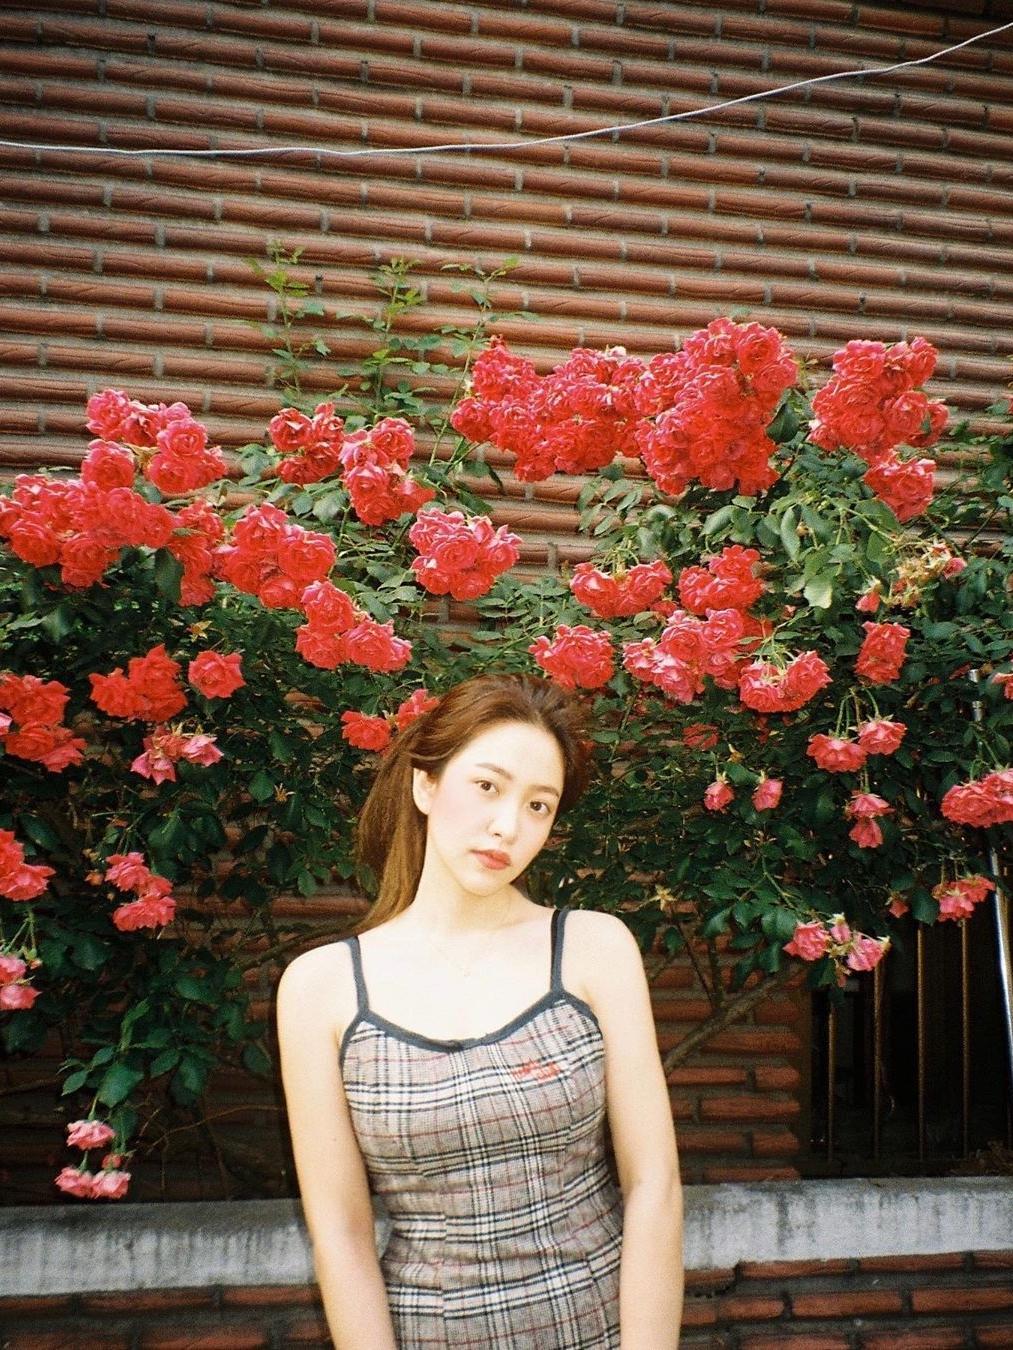 Yeri cũng là idol nữ nổi tiếng với các shoot hình Instagram cực nghệ.